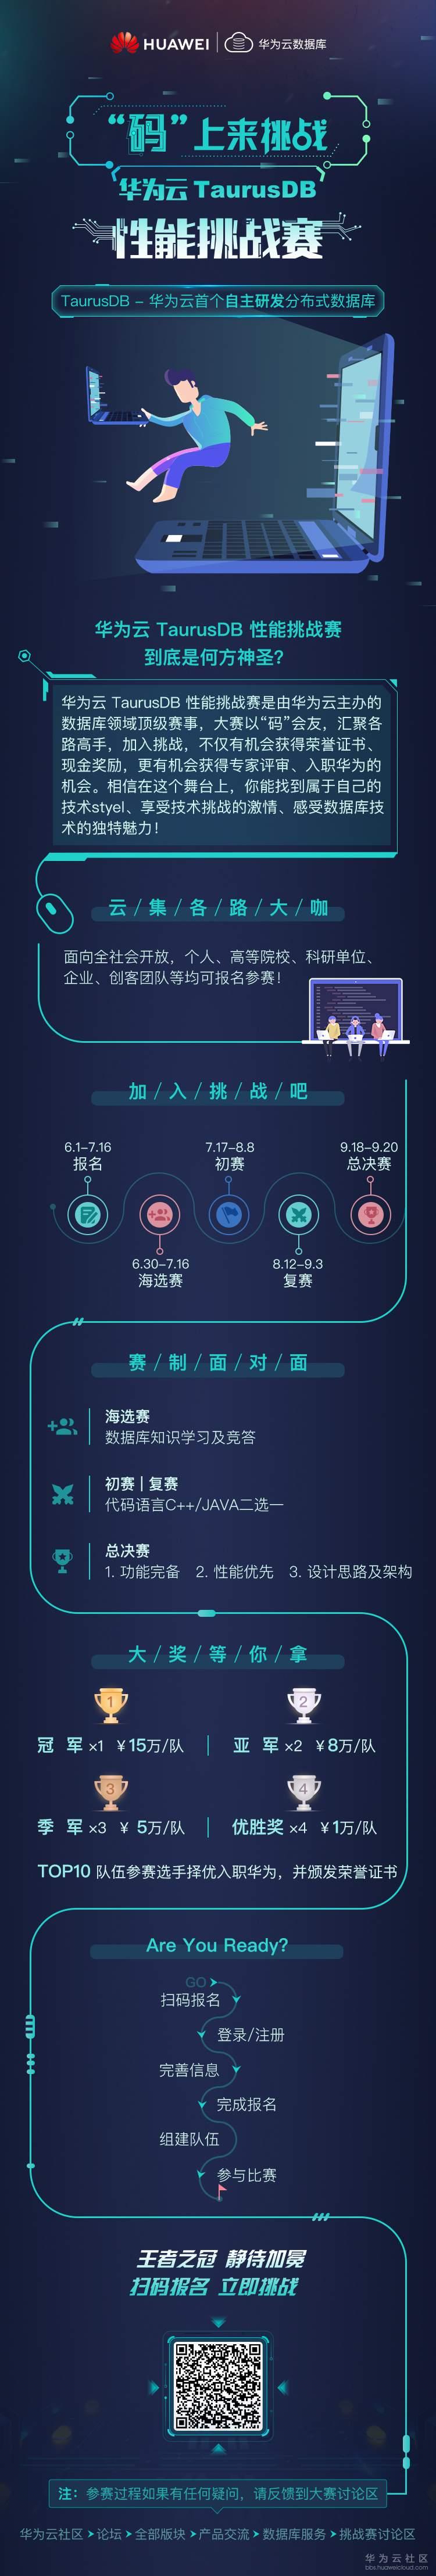 挑战赛-宣传长图-带二维码.jpg